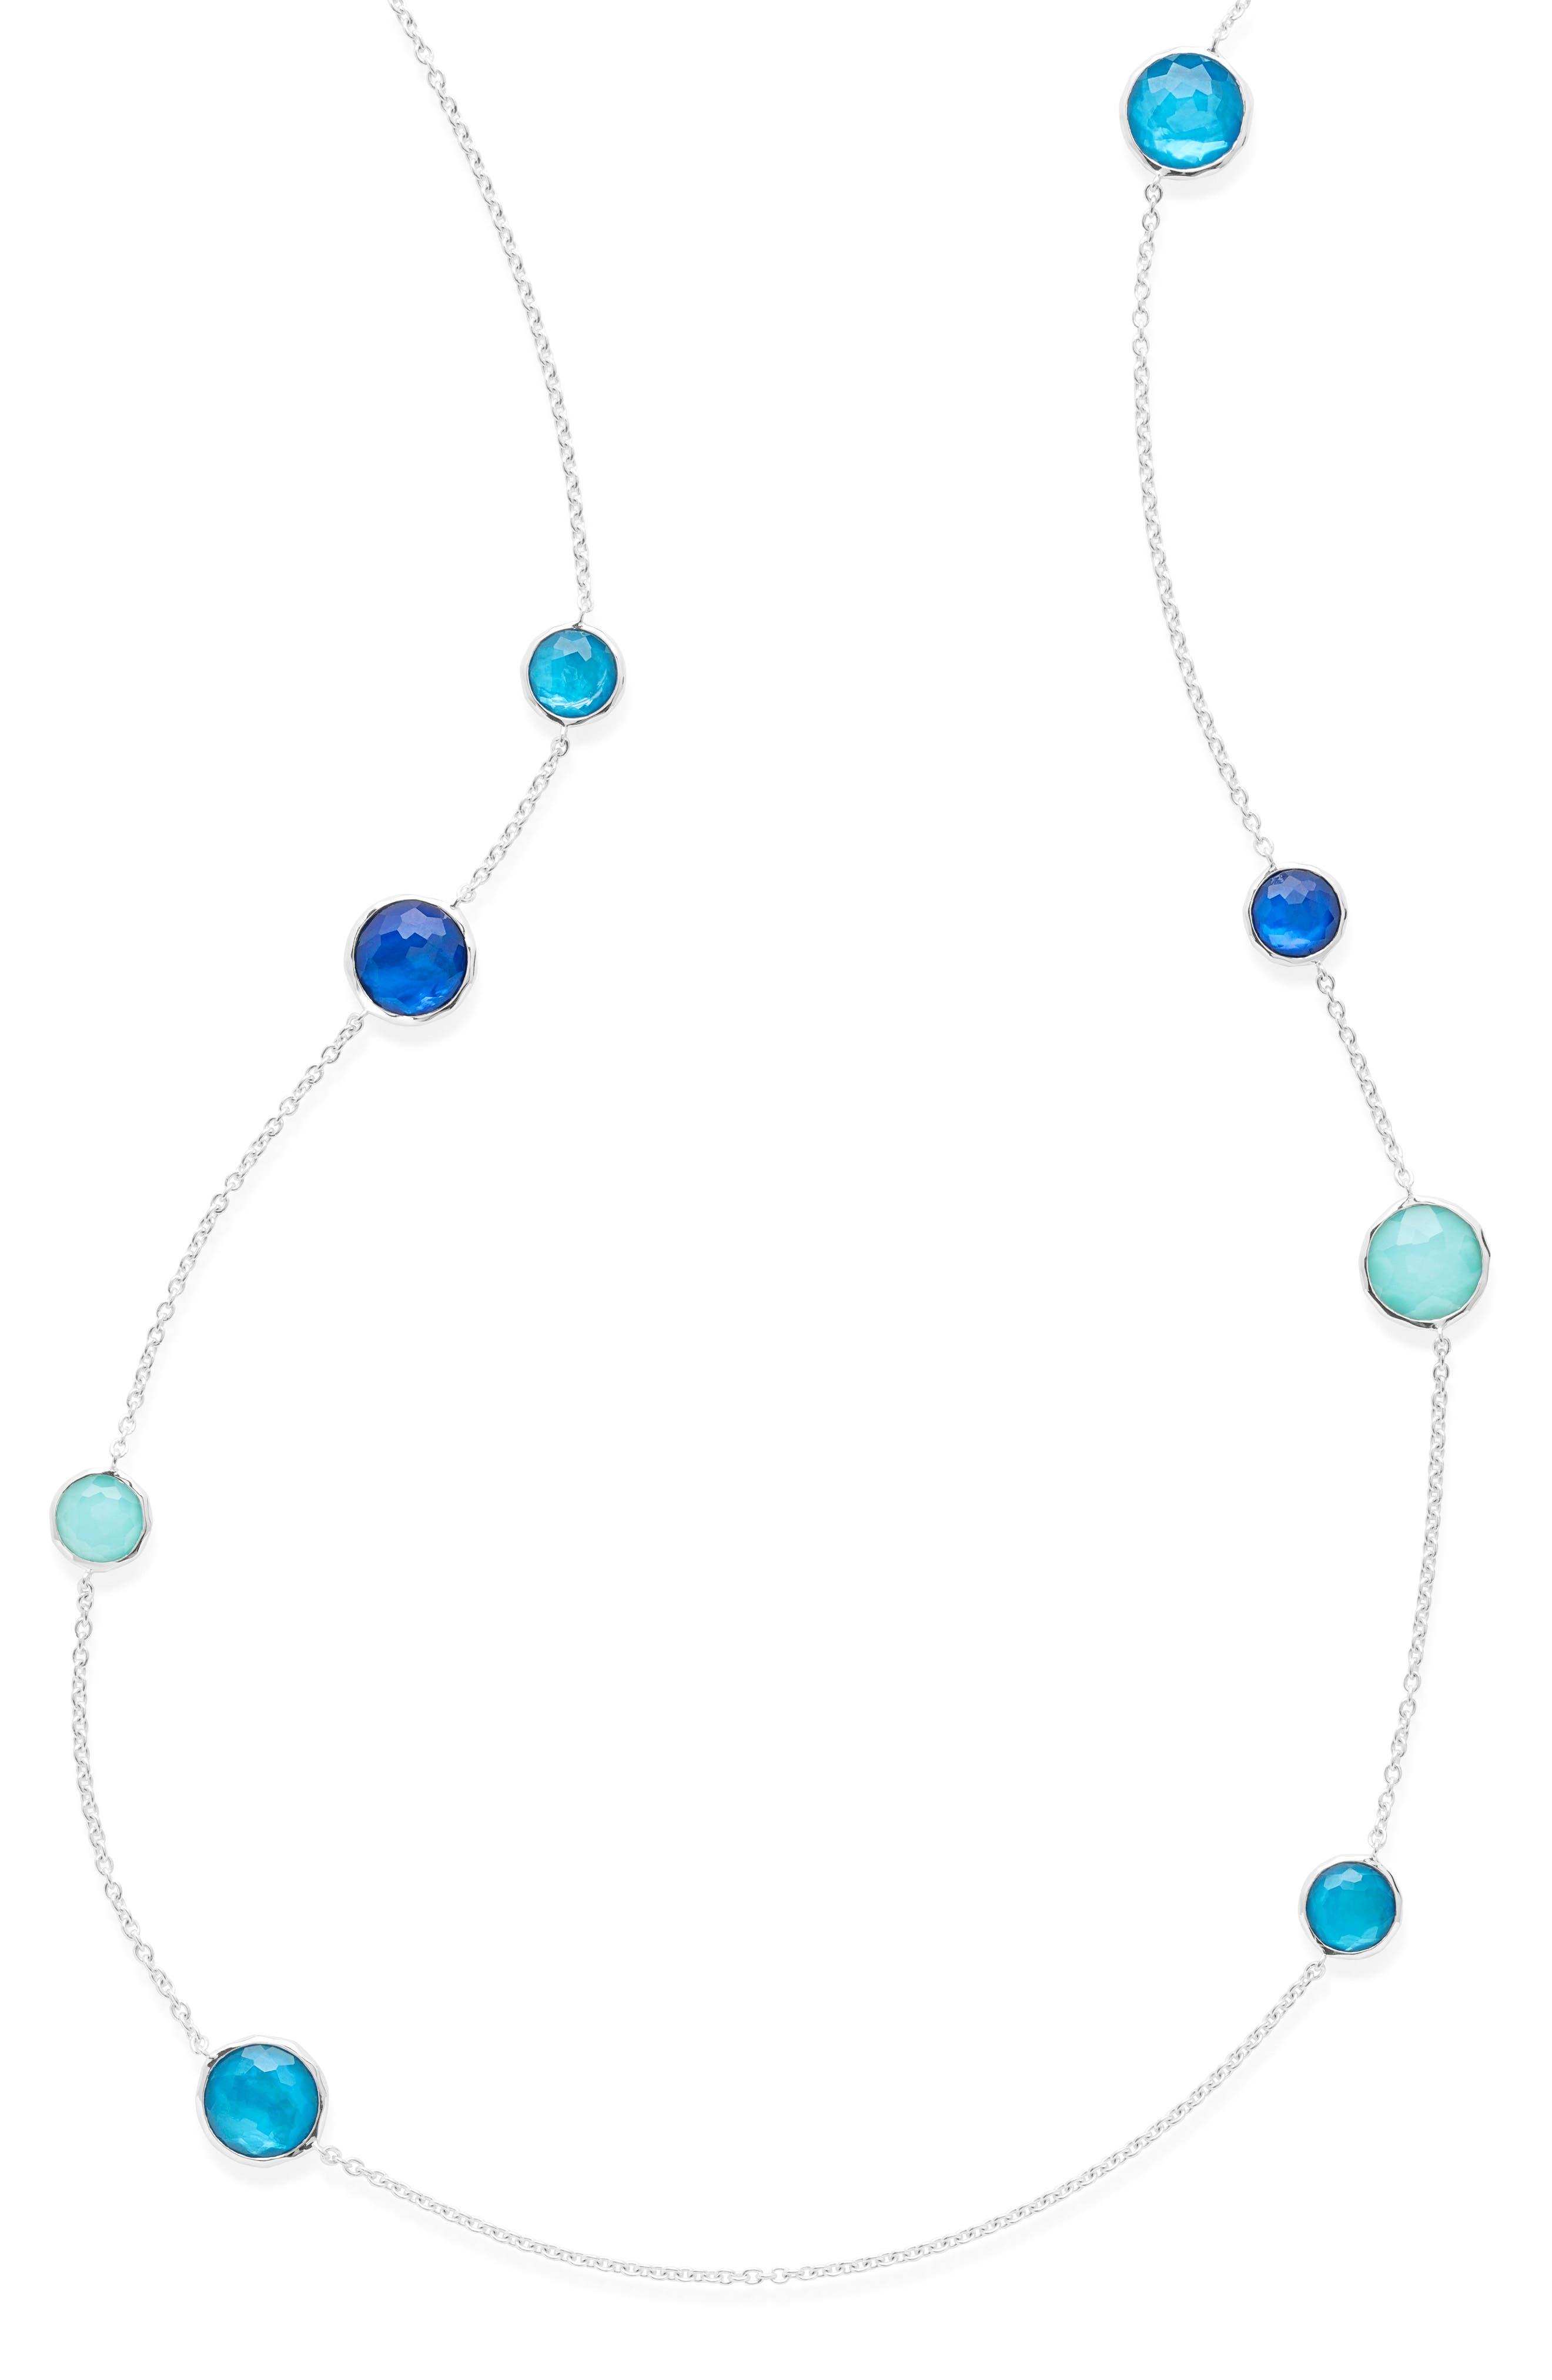 Wonderland Station Necklace,                             Alternate thumbnail 3, color,                             Blue